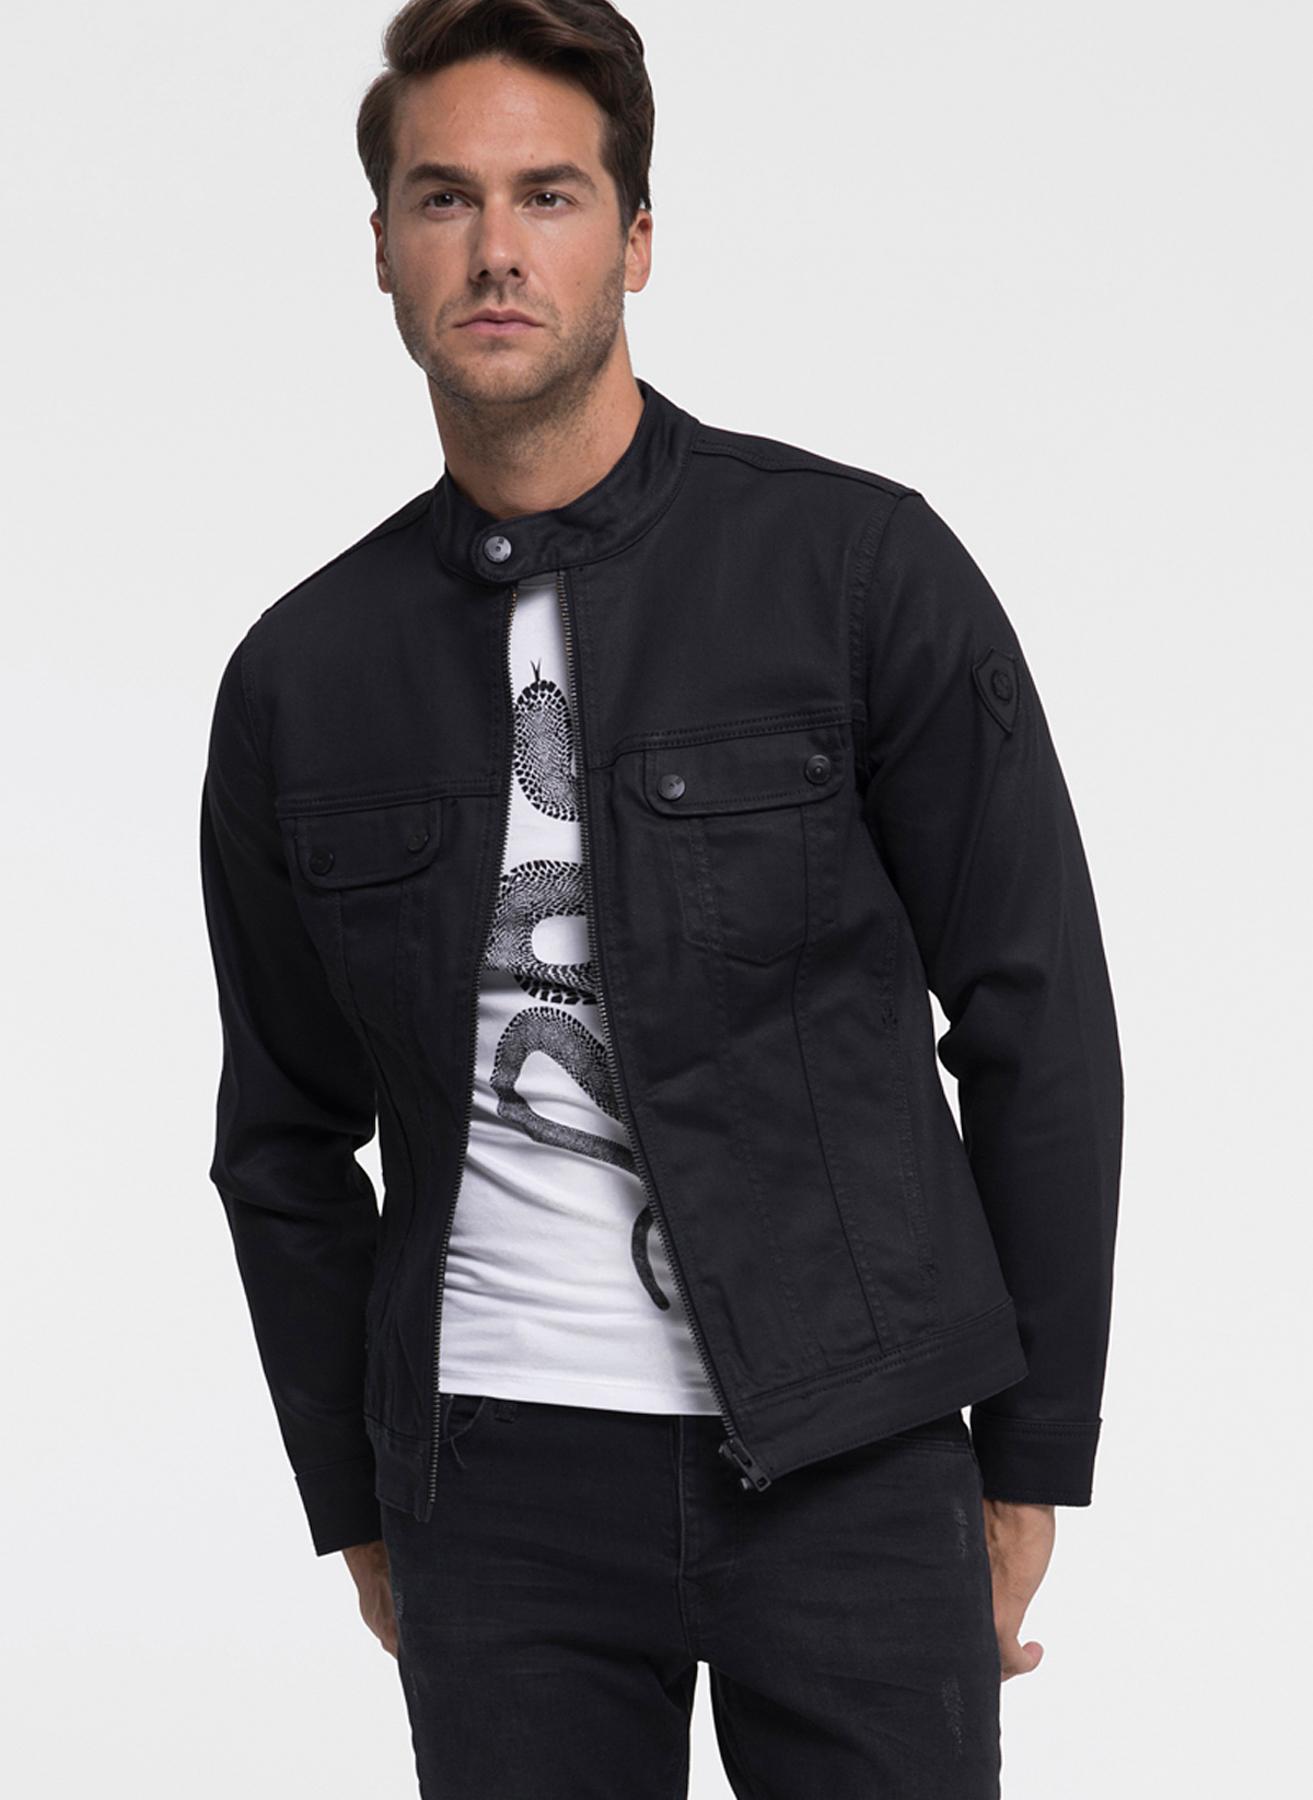 Loft Dik Yaka Siyah Ceket XL 5001733899004 Ürün Resmi